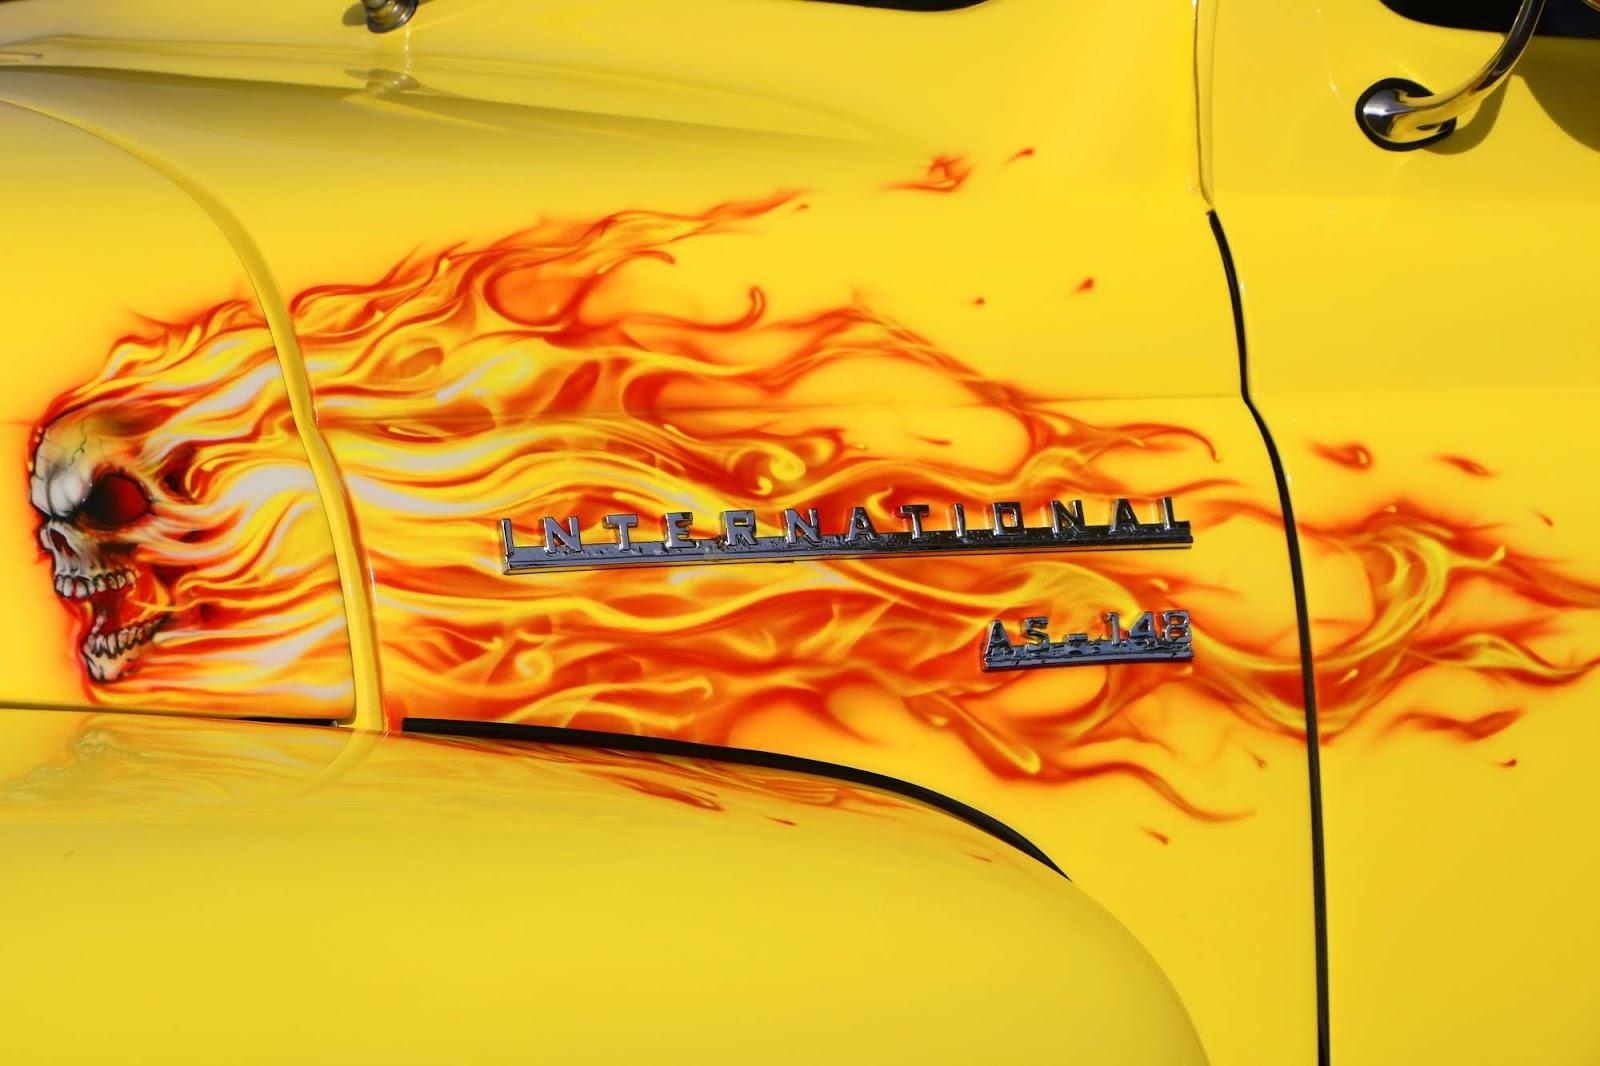 _Detail - Tweetie Skull and Flames.jpg